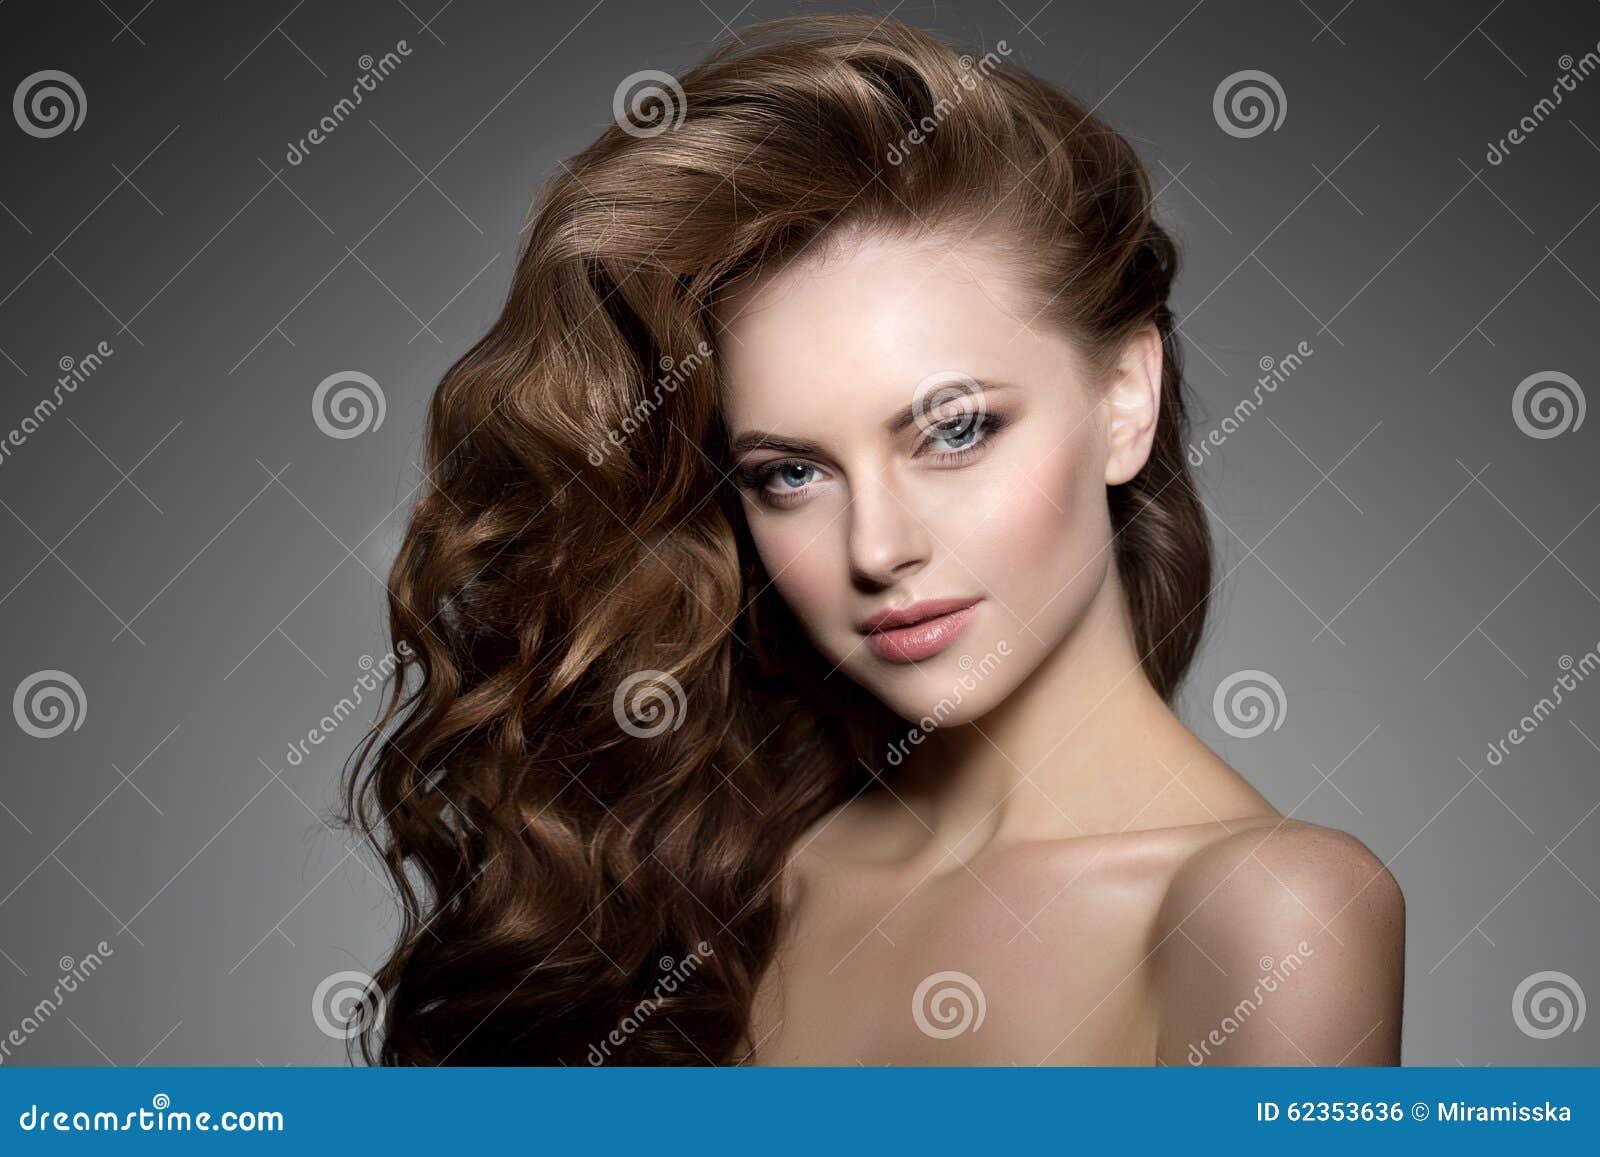 头发长的设计 波浪卷毛发型 发廊 updo 与发光的头发的时装模特儿 有图片